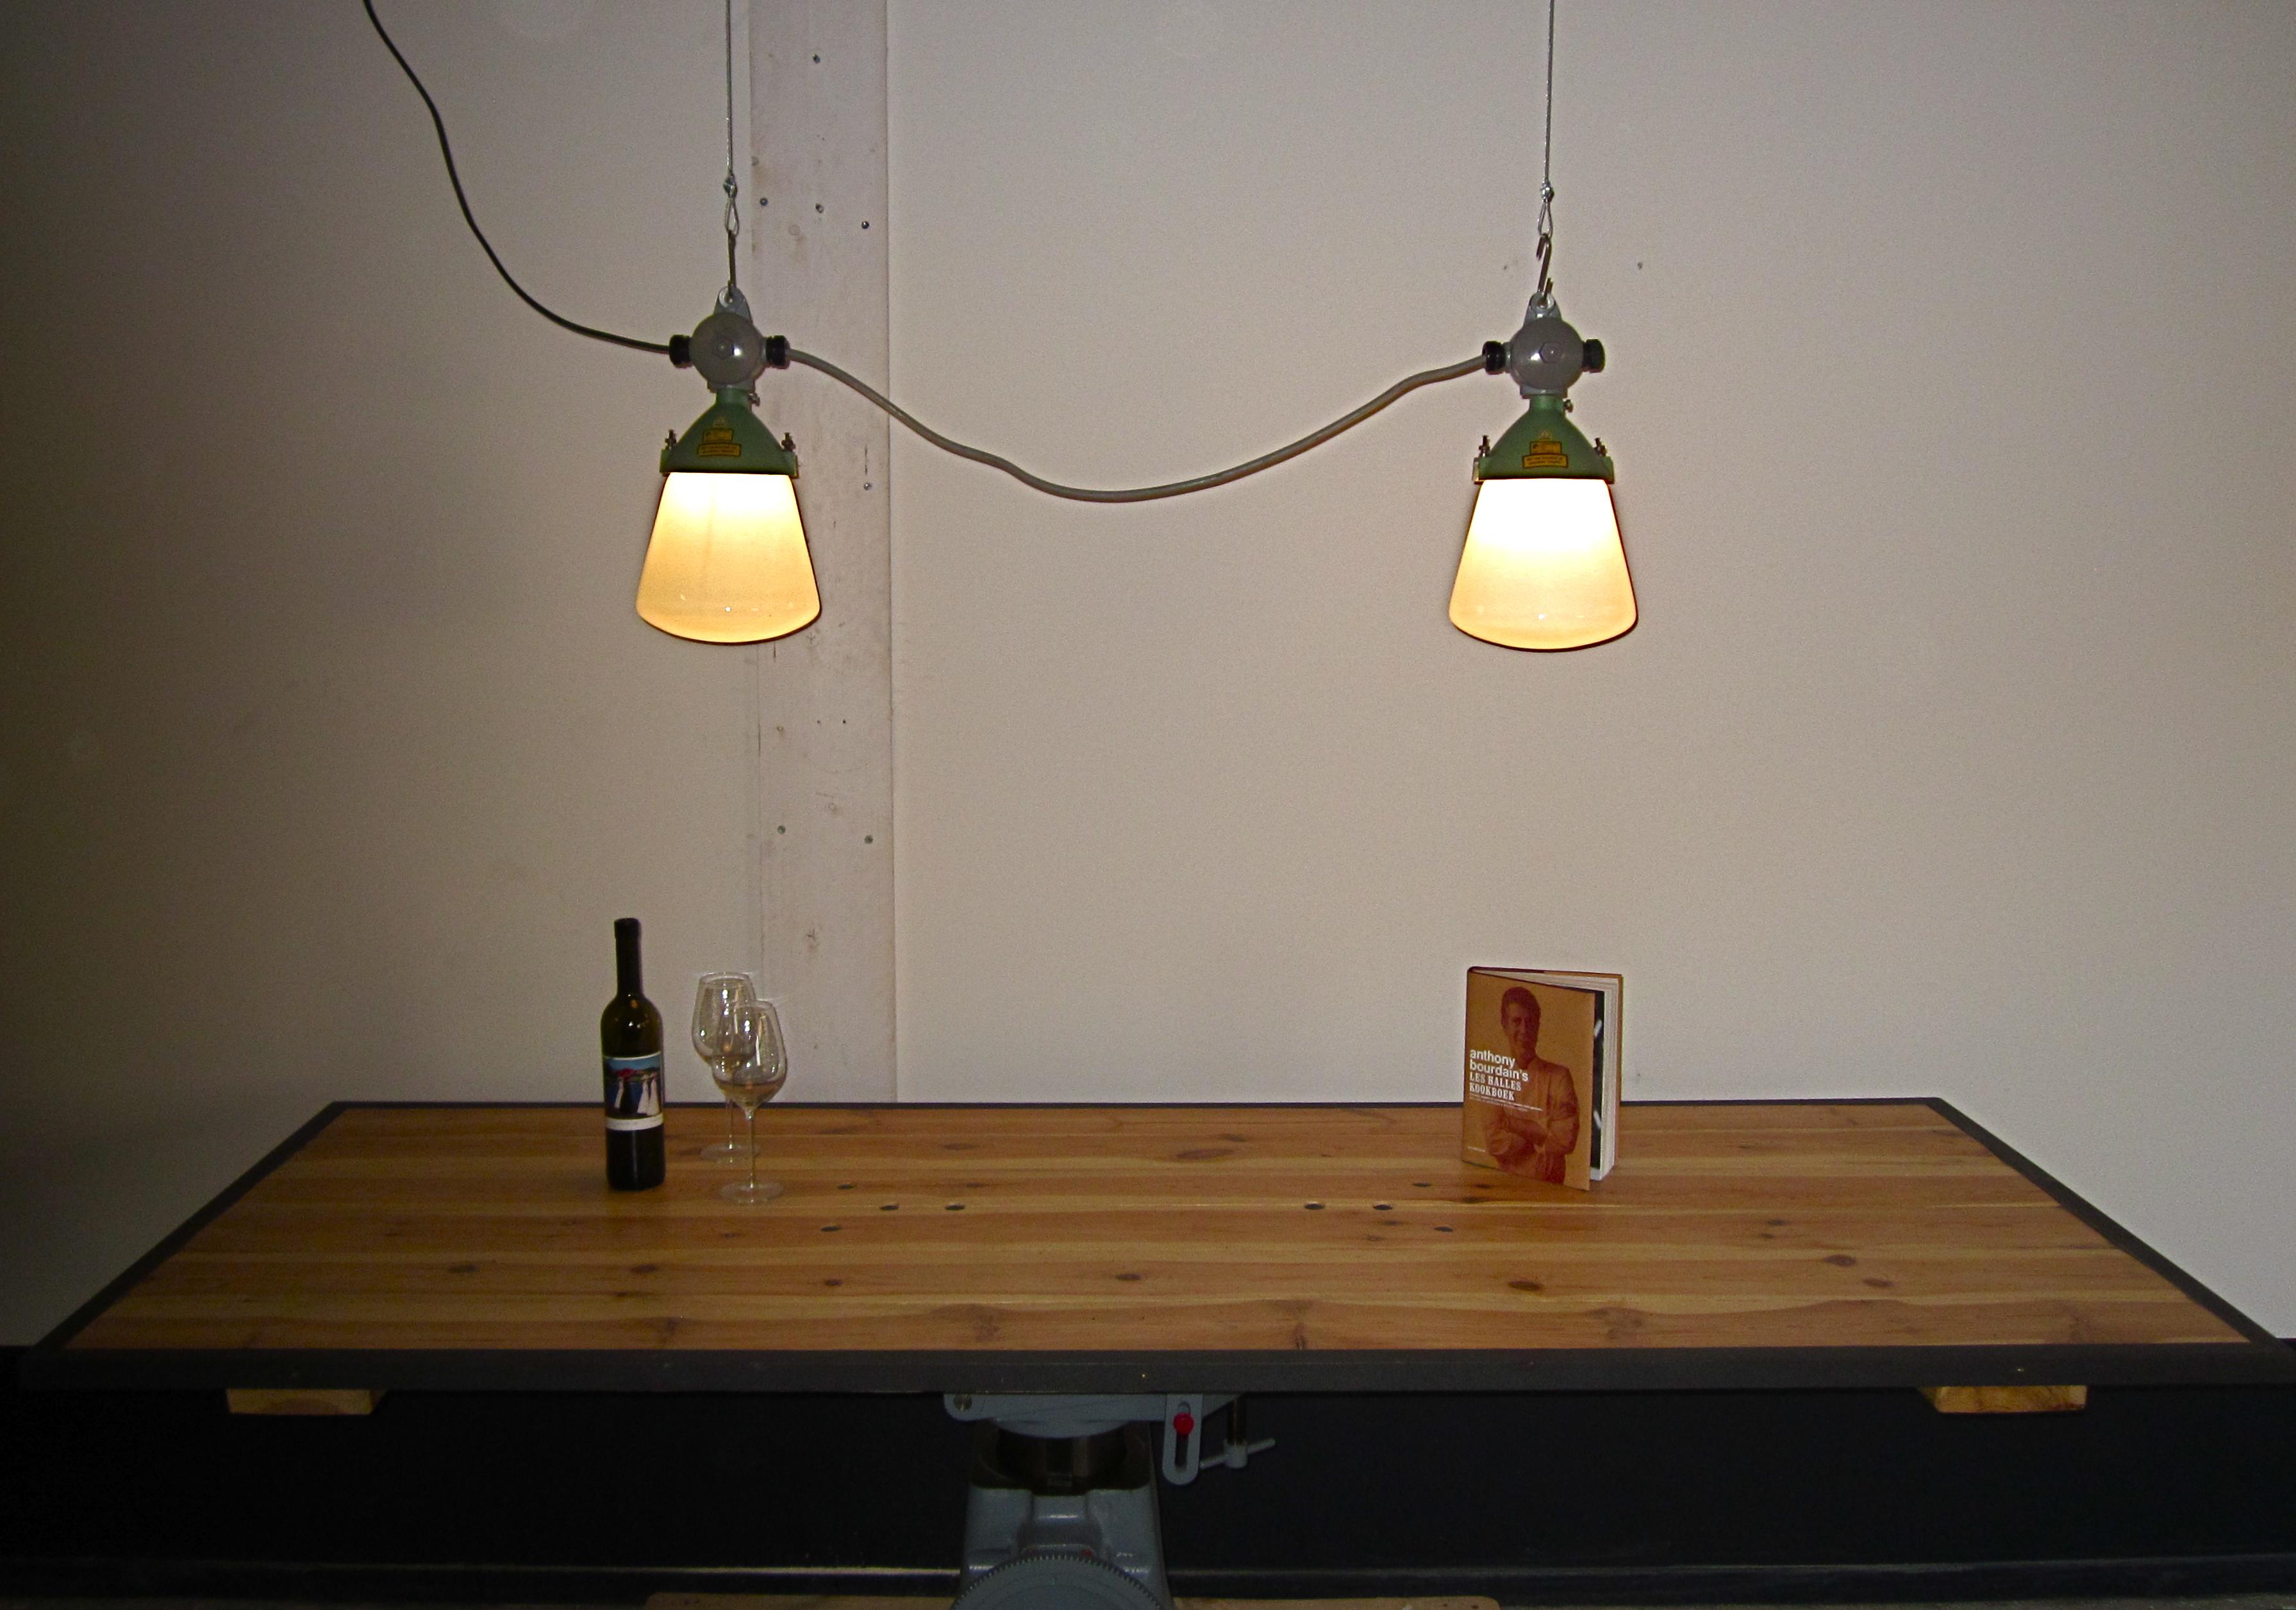 Hanglamp Meerdere Lampen : Art deco hanglamp industriële hanglamp new industrialsnew